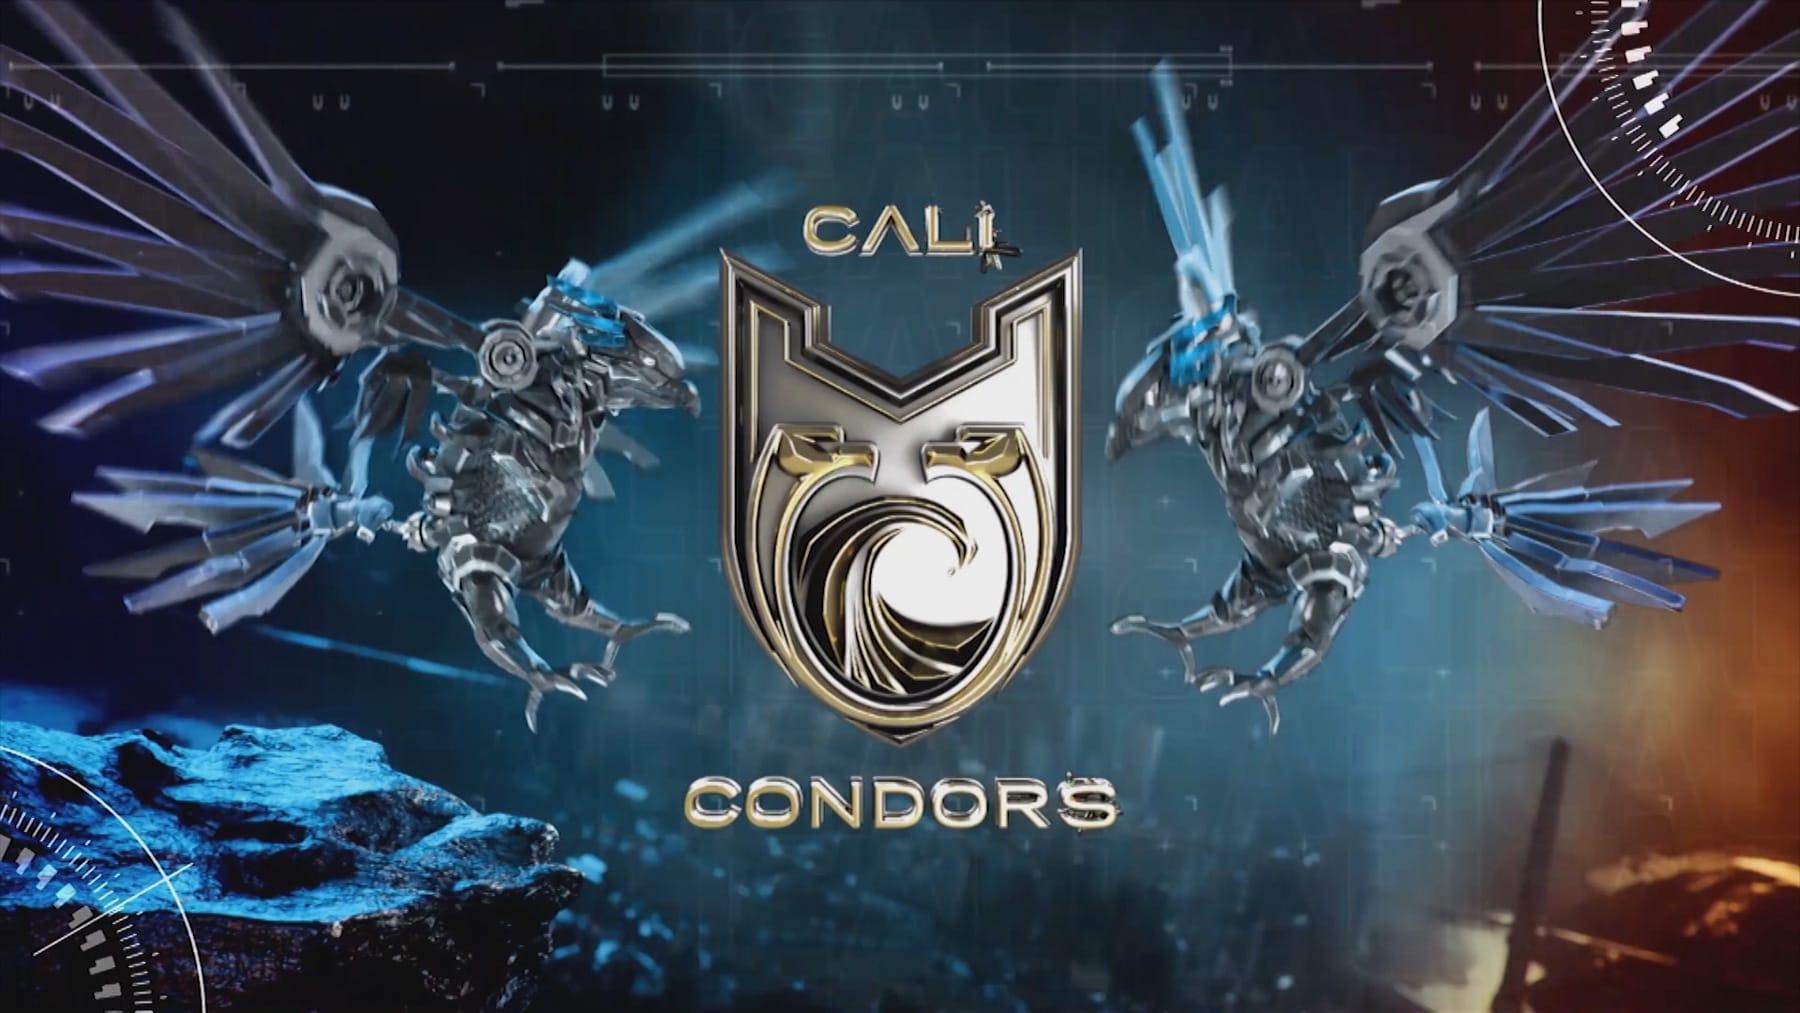 Girraphic ISL 2020 Cali Condors